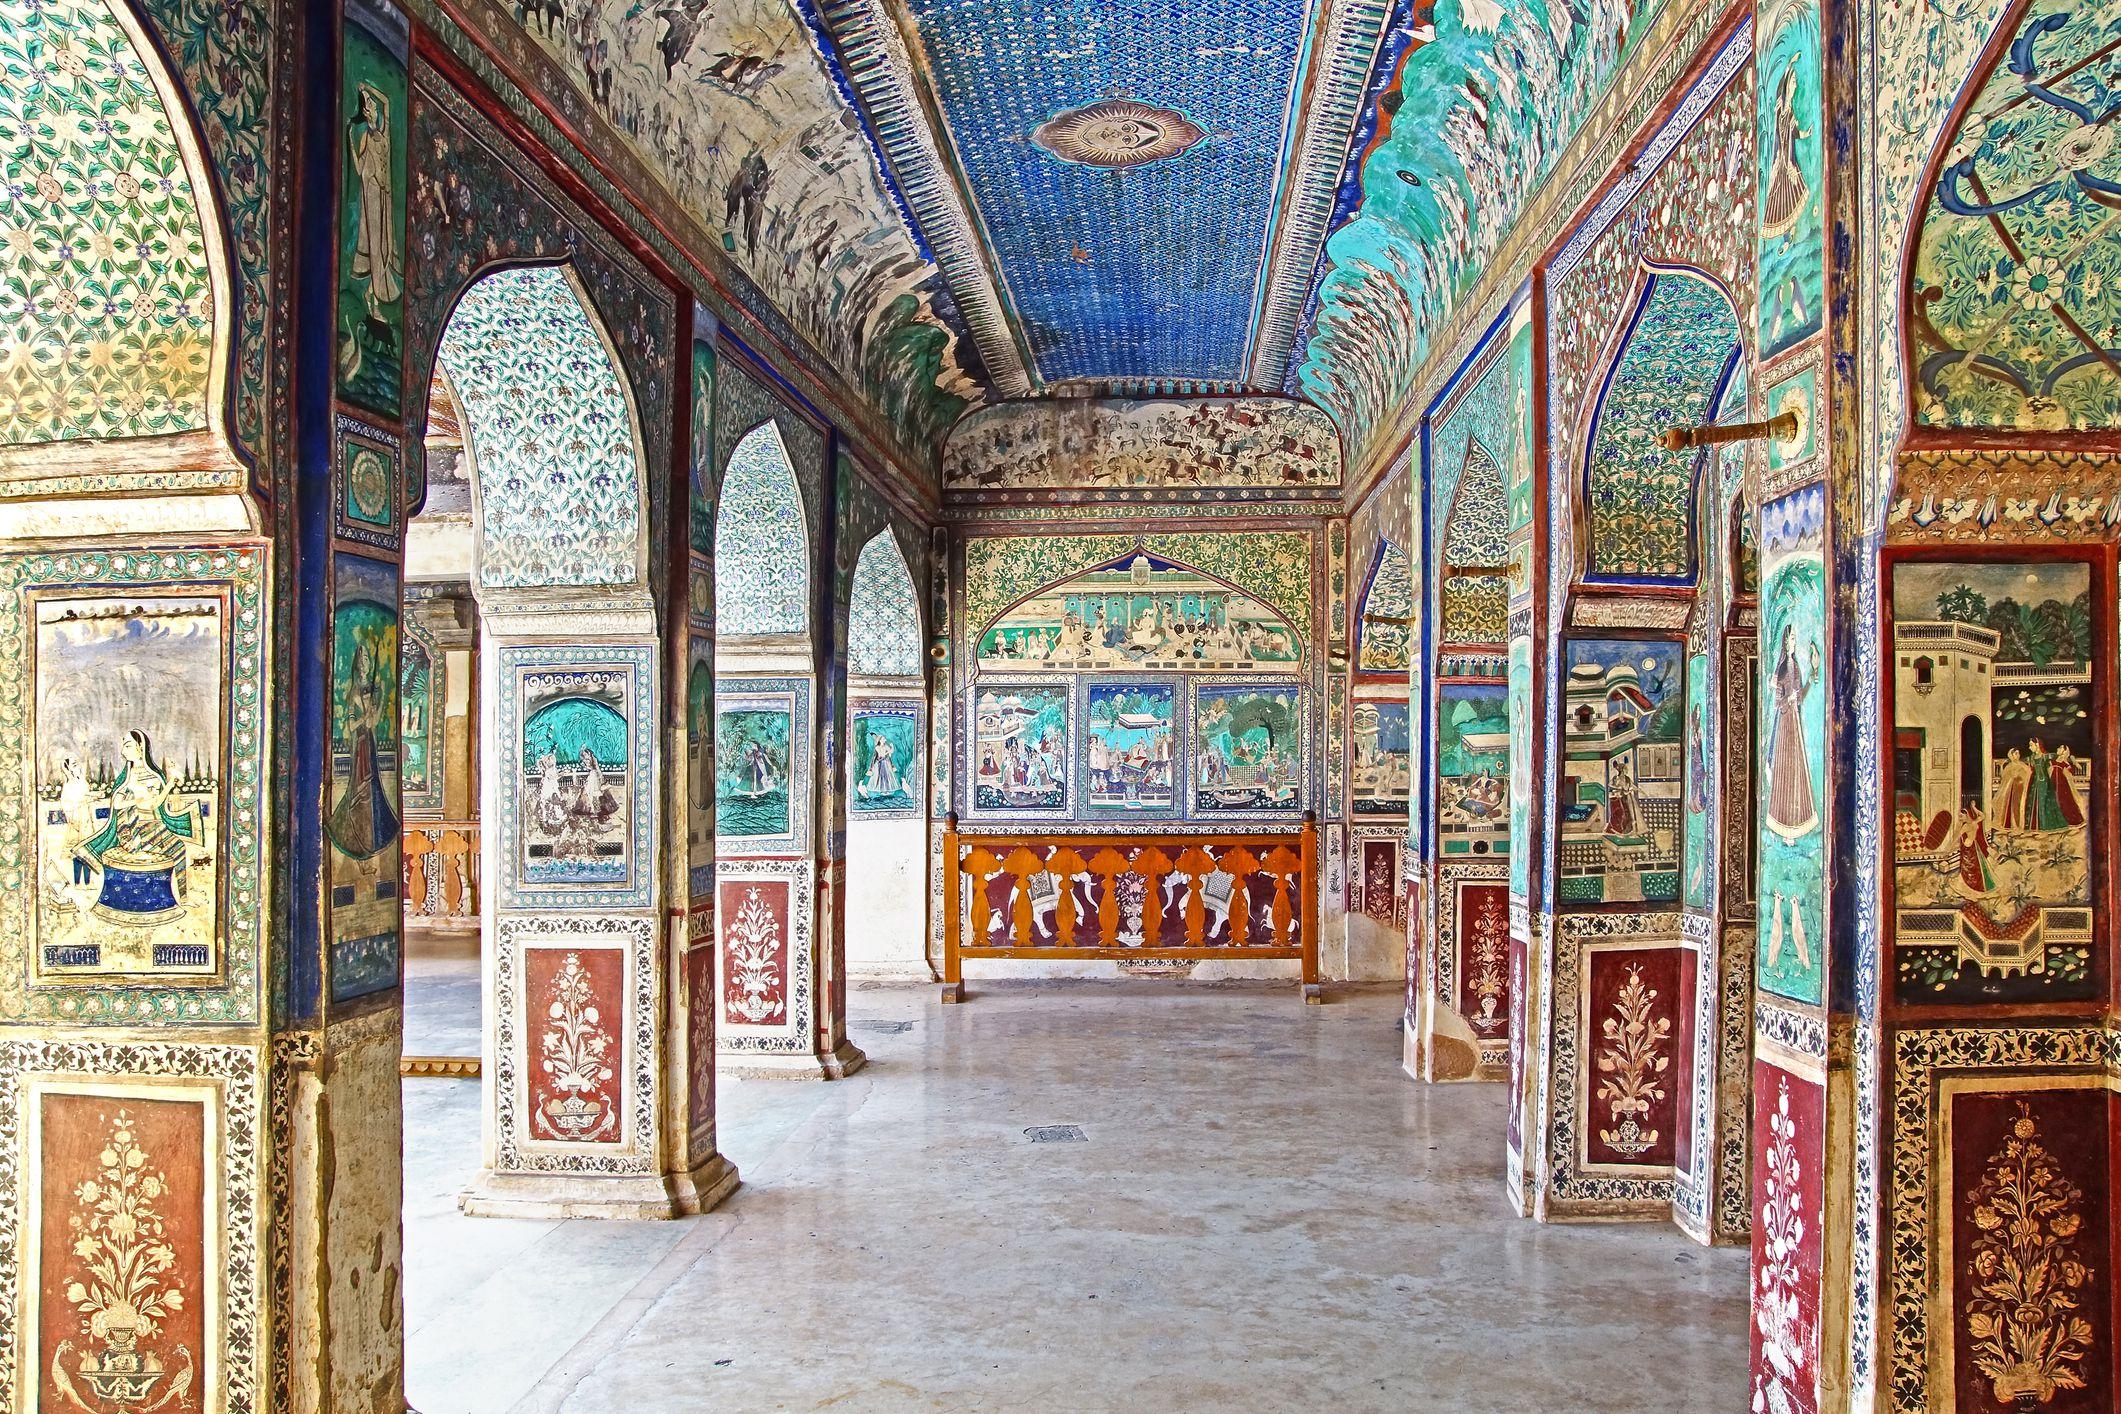 Bundi's Garh Palace. Bundi Palace is notable for its lavish traditional Rajput murals and frescoes.